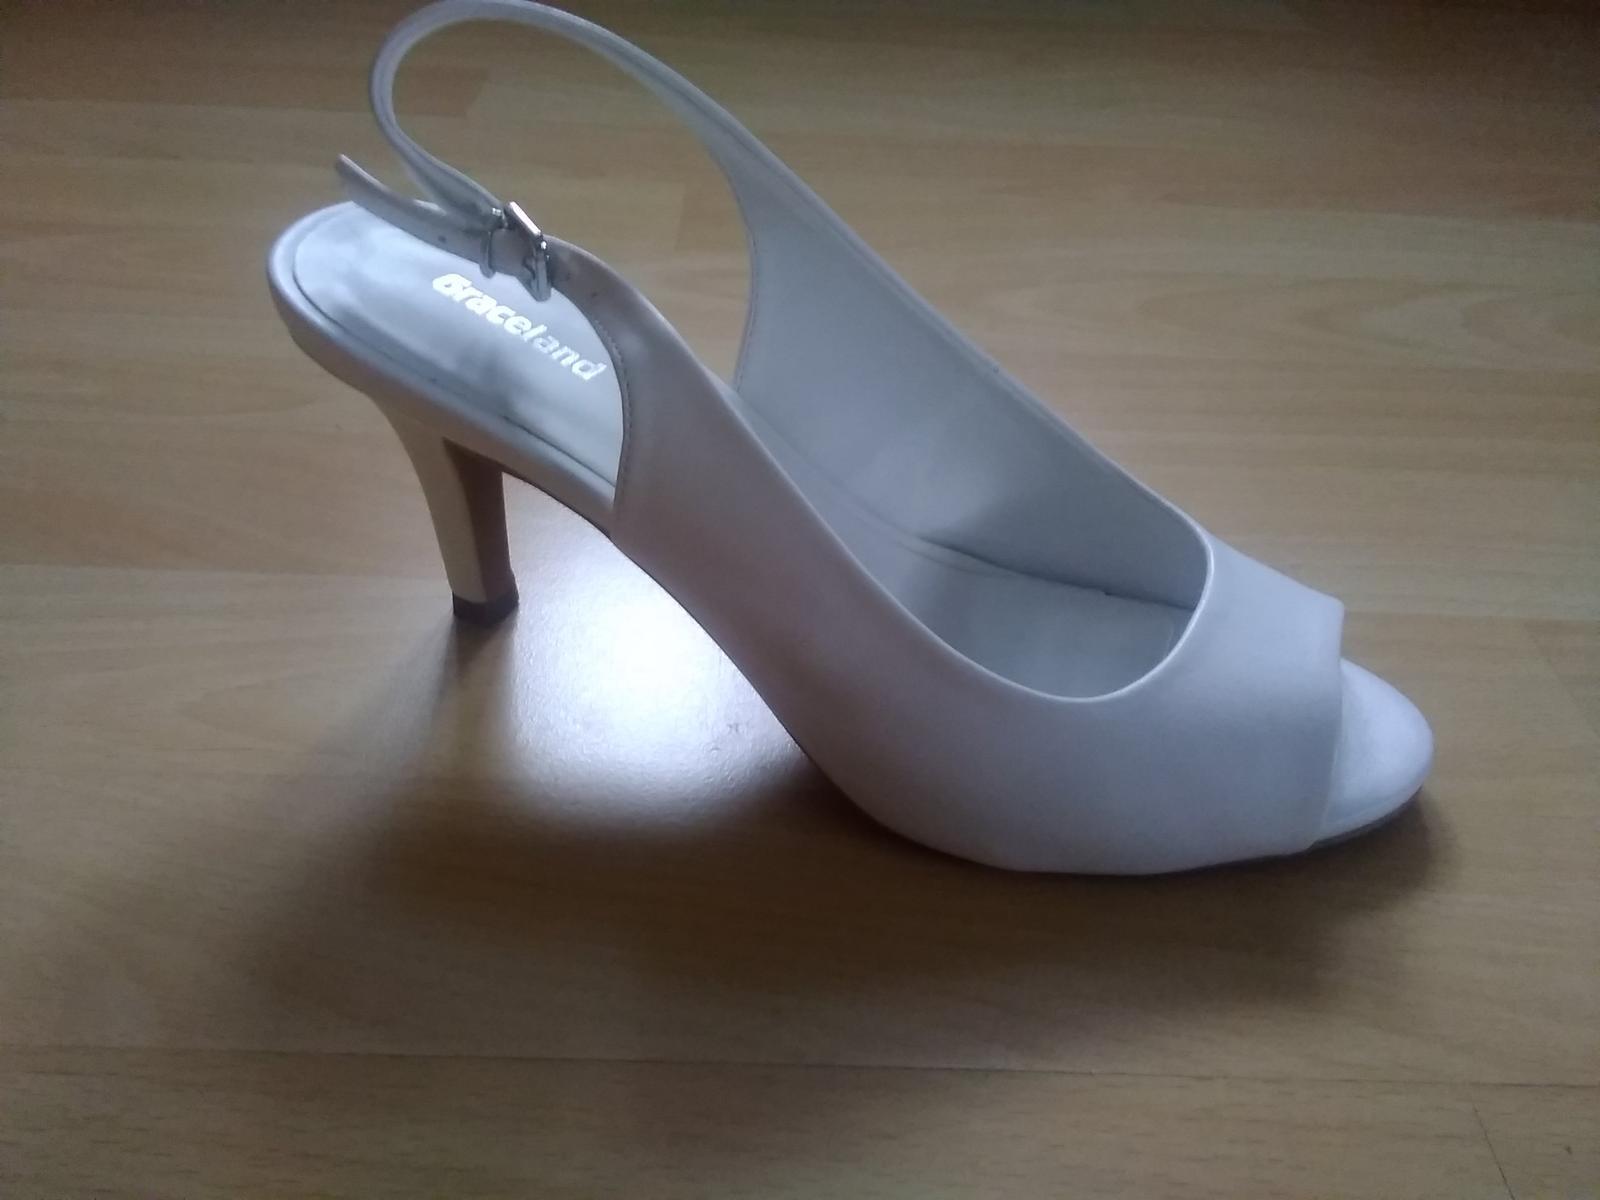 Bílé sandálky na podpatku - Obrázek č. 1